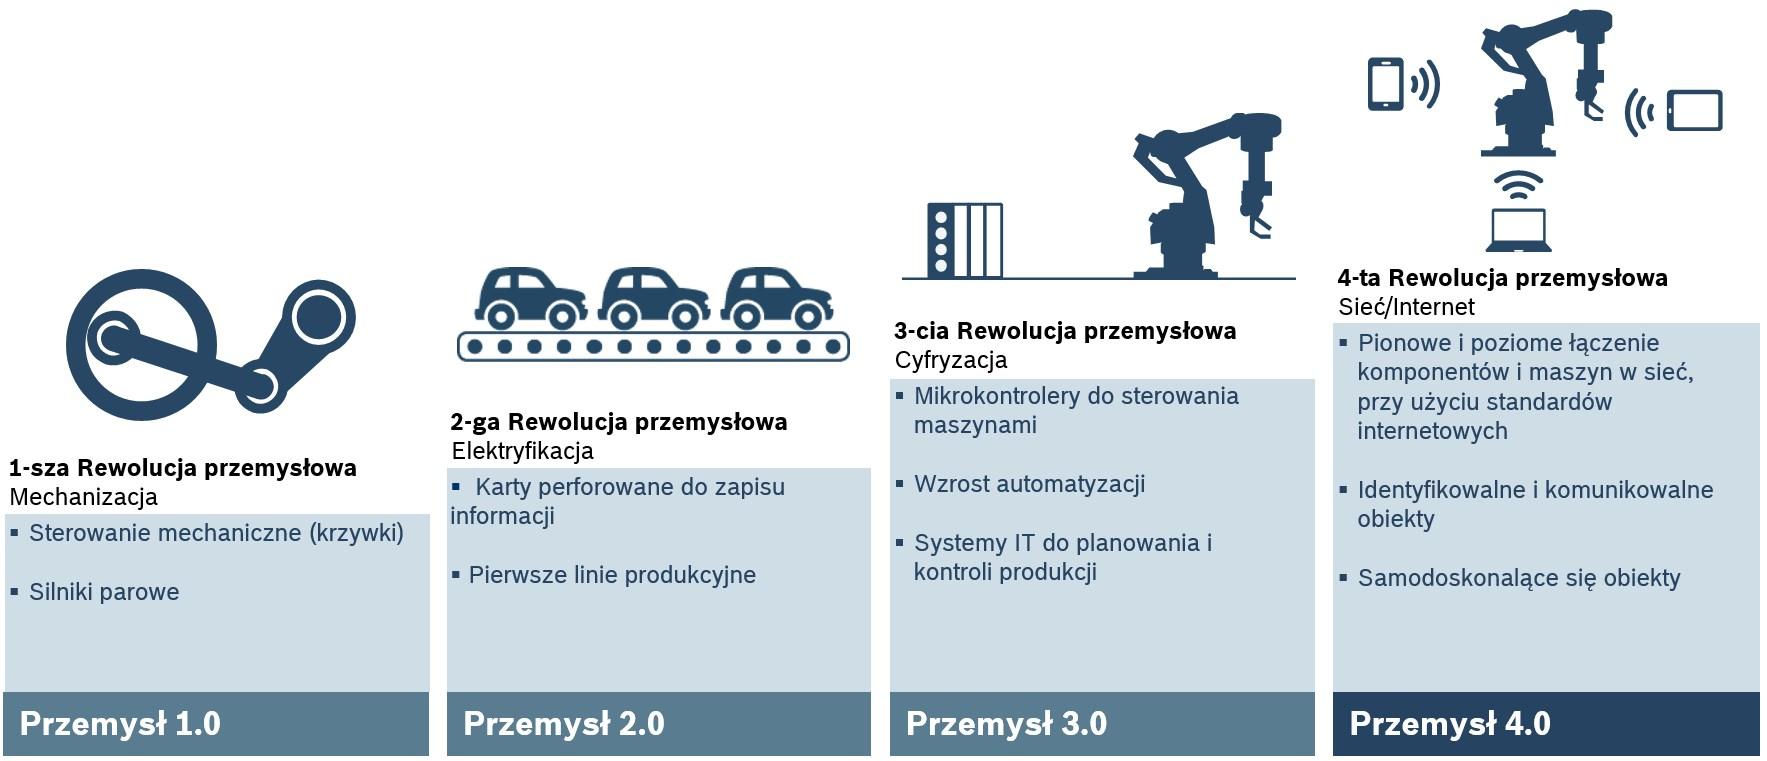 Kroki milowe w zakresie rewolucji przemysłowej